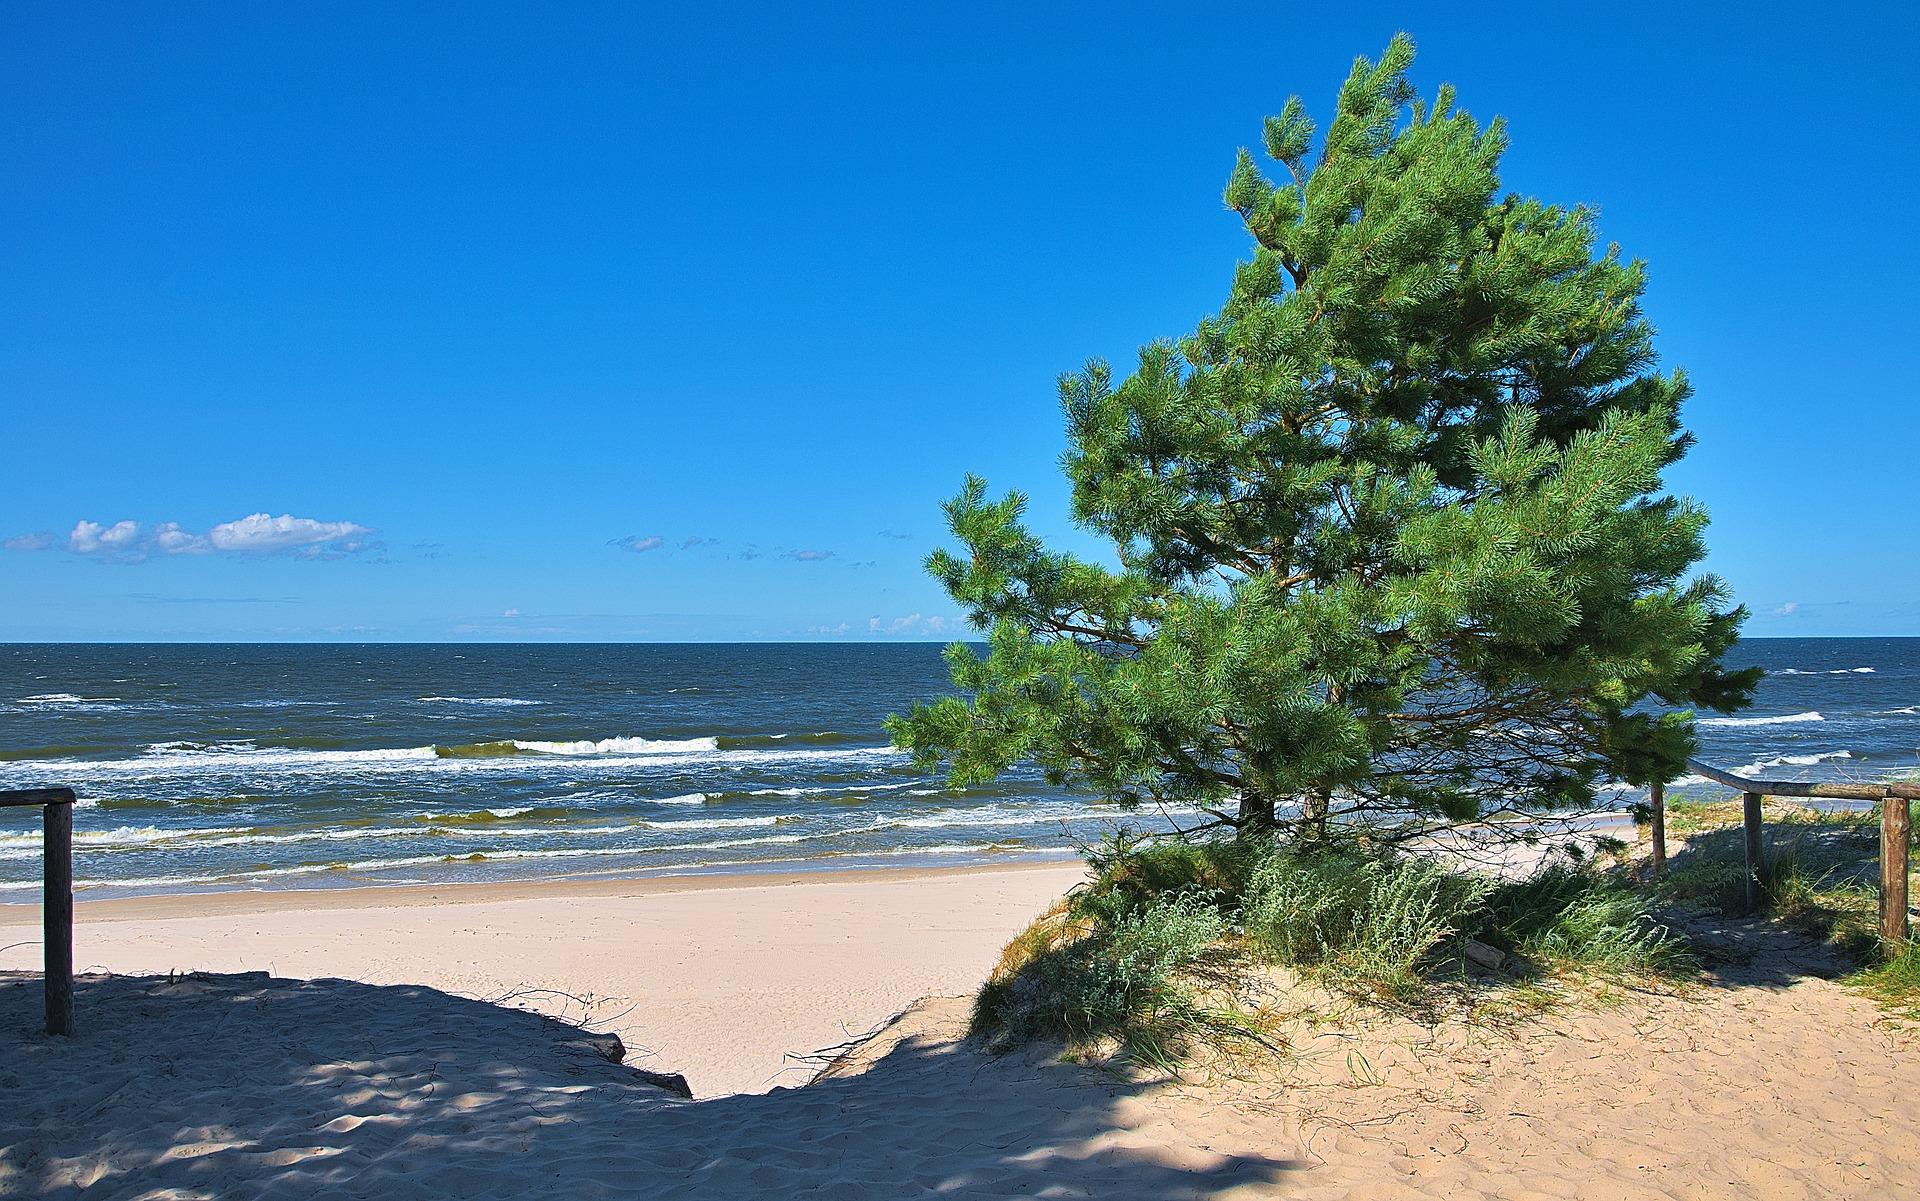 Strand in Danzig Städte Reise & im Sommer Badeurlaub